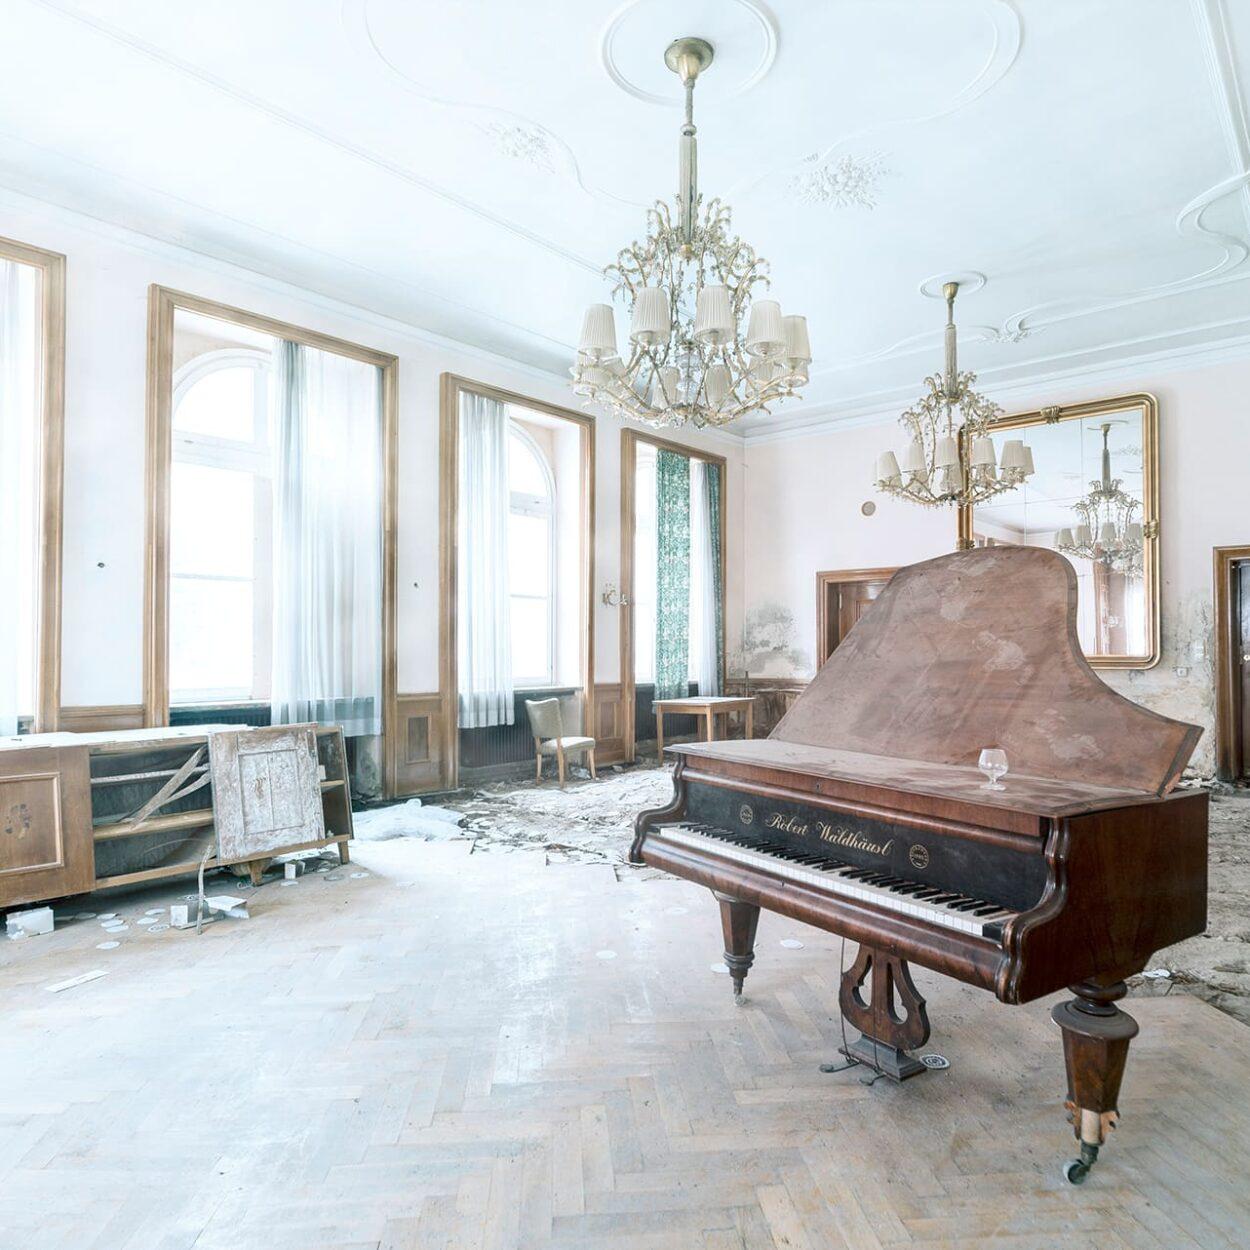 urbex-urban-exploration-autriche-hotel-therme-piano